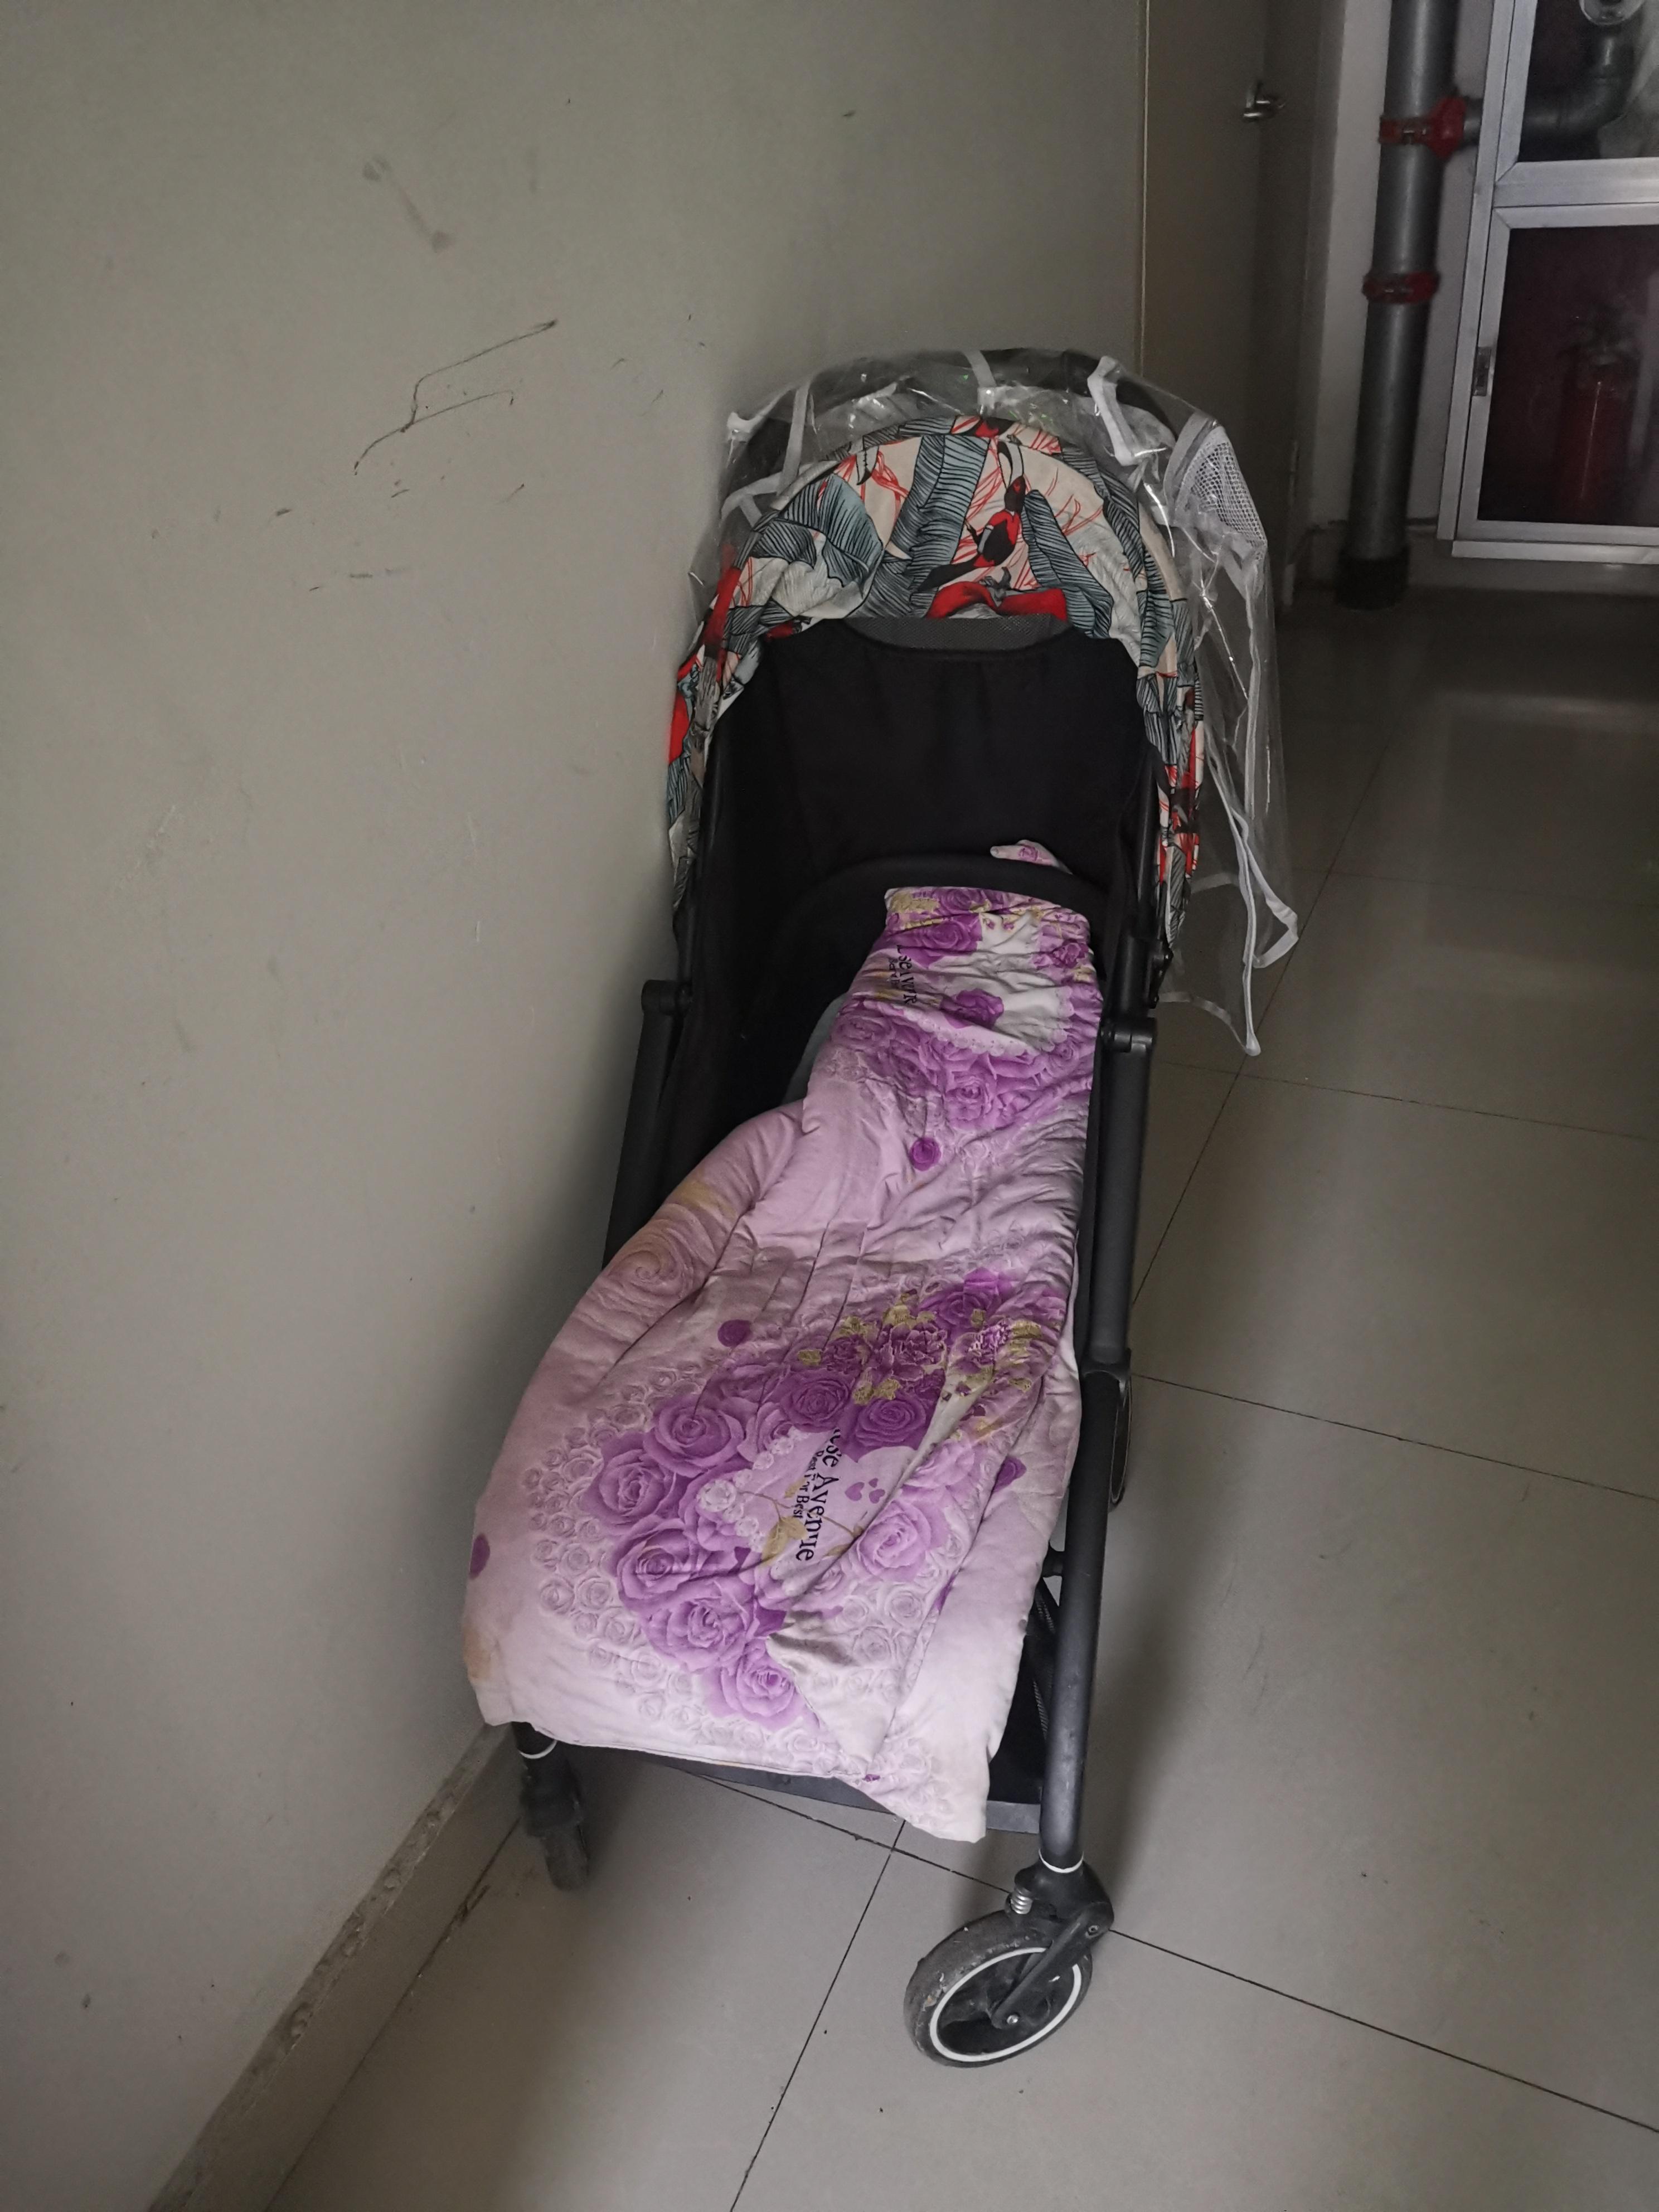 孩子们坐过的婴儿车孤零零停在楼道。